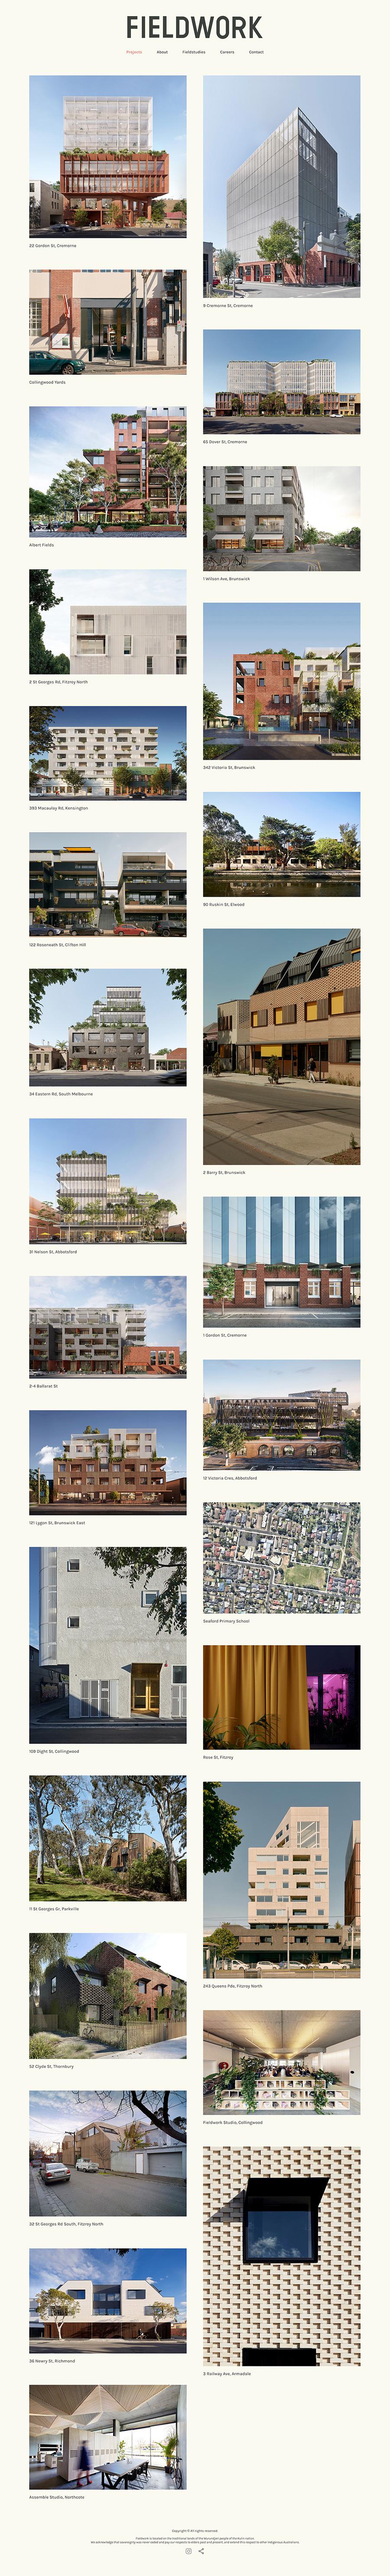 Fieldwork Best Architecture Website